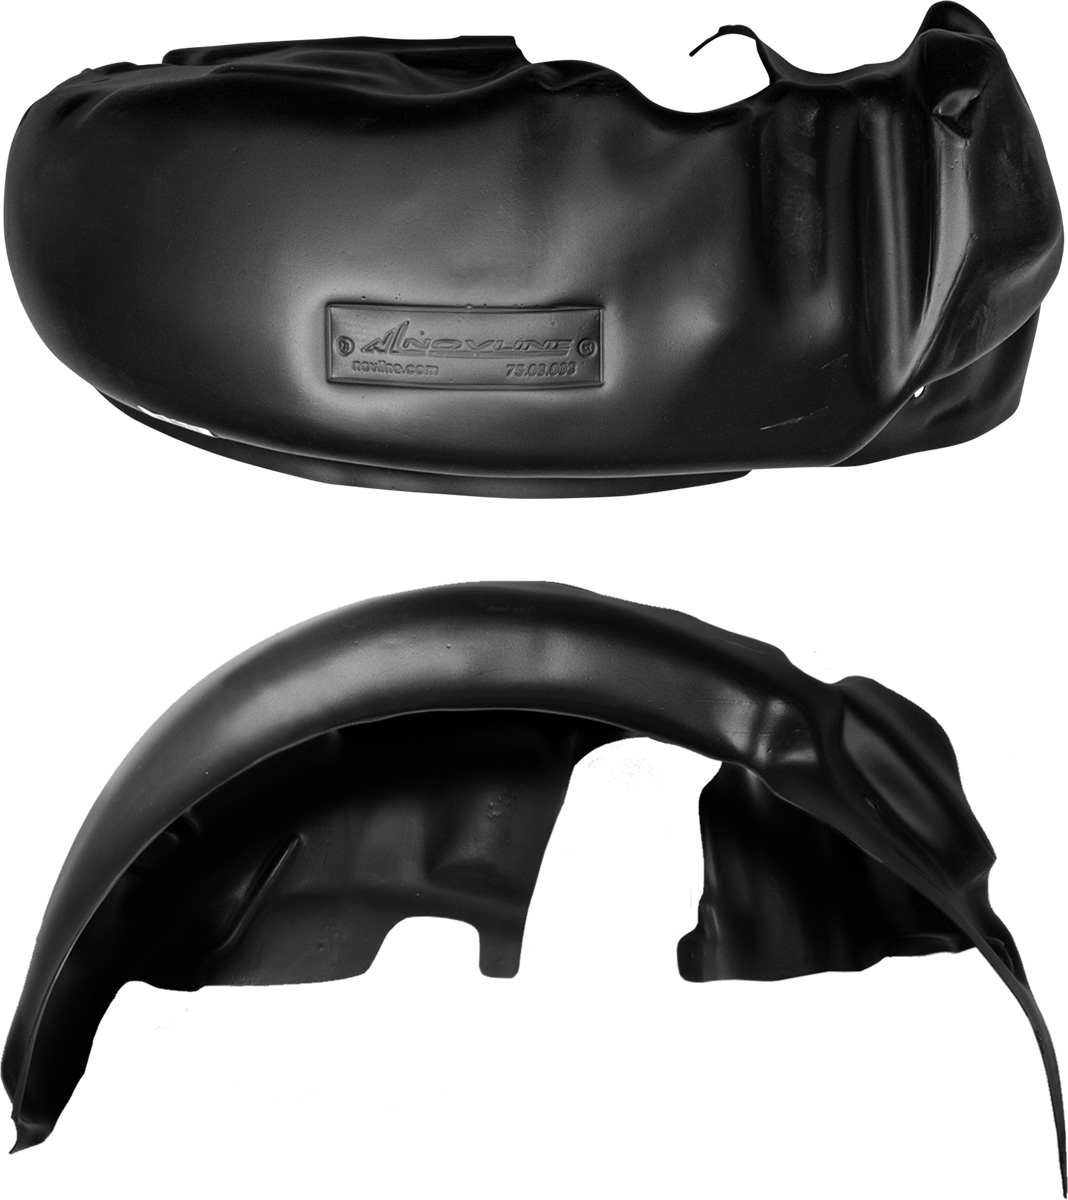 Подкрылок Novline-Autofamily, для Mitsubishi L200, 2007, 2010-> с расширителями арок, передний левыйNLL.35.15.001Колесные ниши - одни из самых уязвимых зон днища вашего автомобиля. Они постоянно подвергаются воздействию со стороны дороги. Лучшая, почти абсолютная защита для них - специально отформованные пластиковые кожухи, которые называются подкрылками. Производятся они как для отечественных моделей автомобилей, так и для иномарок. Подкрылки Novline-Autofamily выполнены из высококачественного, экологически чистого пластика. Обеспечивают надежную защиту кузова автомобиля от пескоструйного эффекта и негативного влияния, агрессивных антигололедных реагентов. Пластик обладает более низкой теплопроводностью, чем металл, поэтому в зимний период эксплуатации использование пластиковых подкрылков позволяет лучше защитить колесные ниши от налипания снега и образования наледи. Оригинальность конструкции подчеркивает элегантность автомобиля, бережно защищает нанесенное на днище кузова антикоррозийное покрытие и позволяет осуществить крепление подкрылков внутри колесной арки практически без дополнительного крепежа и сверления, не нарушая при этом лакокрасочного покрытия, что предотвращает возникновение новых очагов коррозии. Подкрылки долговечны, обладают высокой прочностью и сохраняют заданную форму, а также все свои физико-механические характеристики в самых тяжелых климатических условиях (от -50°С до +50°С).Уважаемые клиенты!Обращаем ваше внимание, на тот факт, что подкрылок имеет форму, соответствующую модели данного автомобиля. Фото служит для визуального восприятия товара.